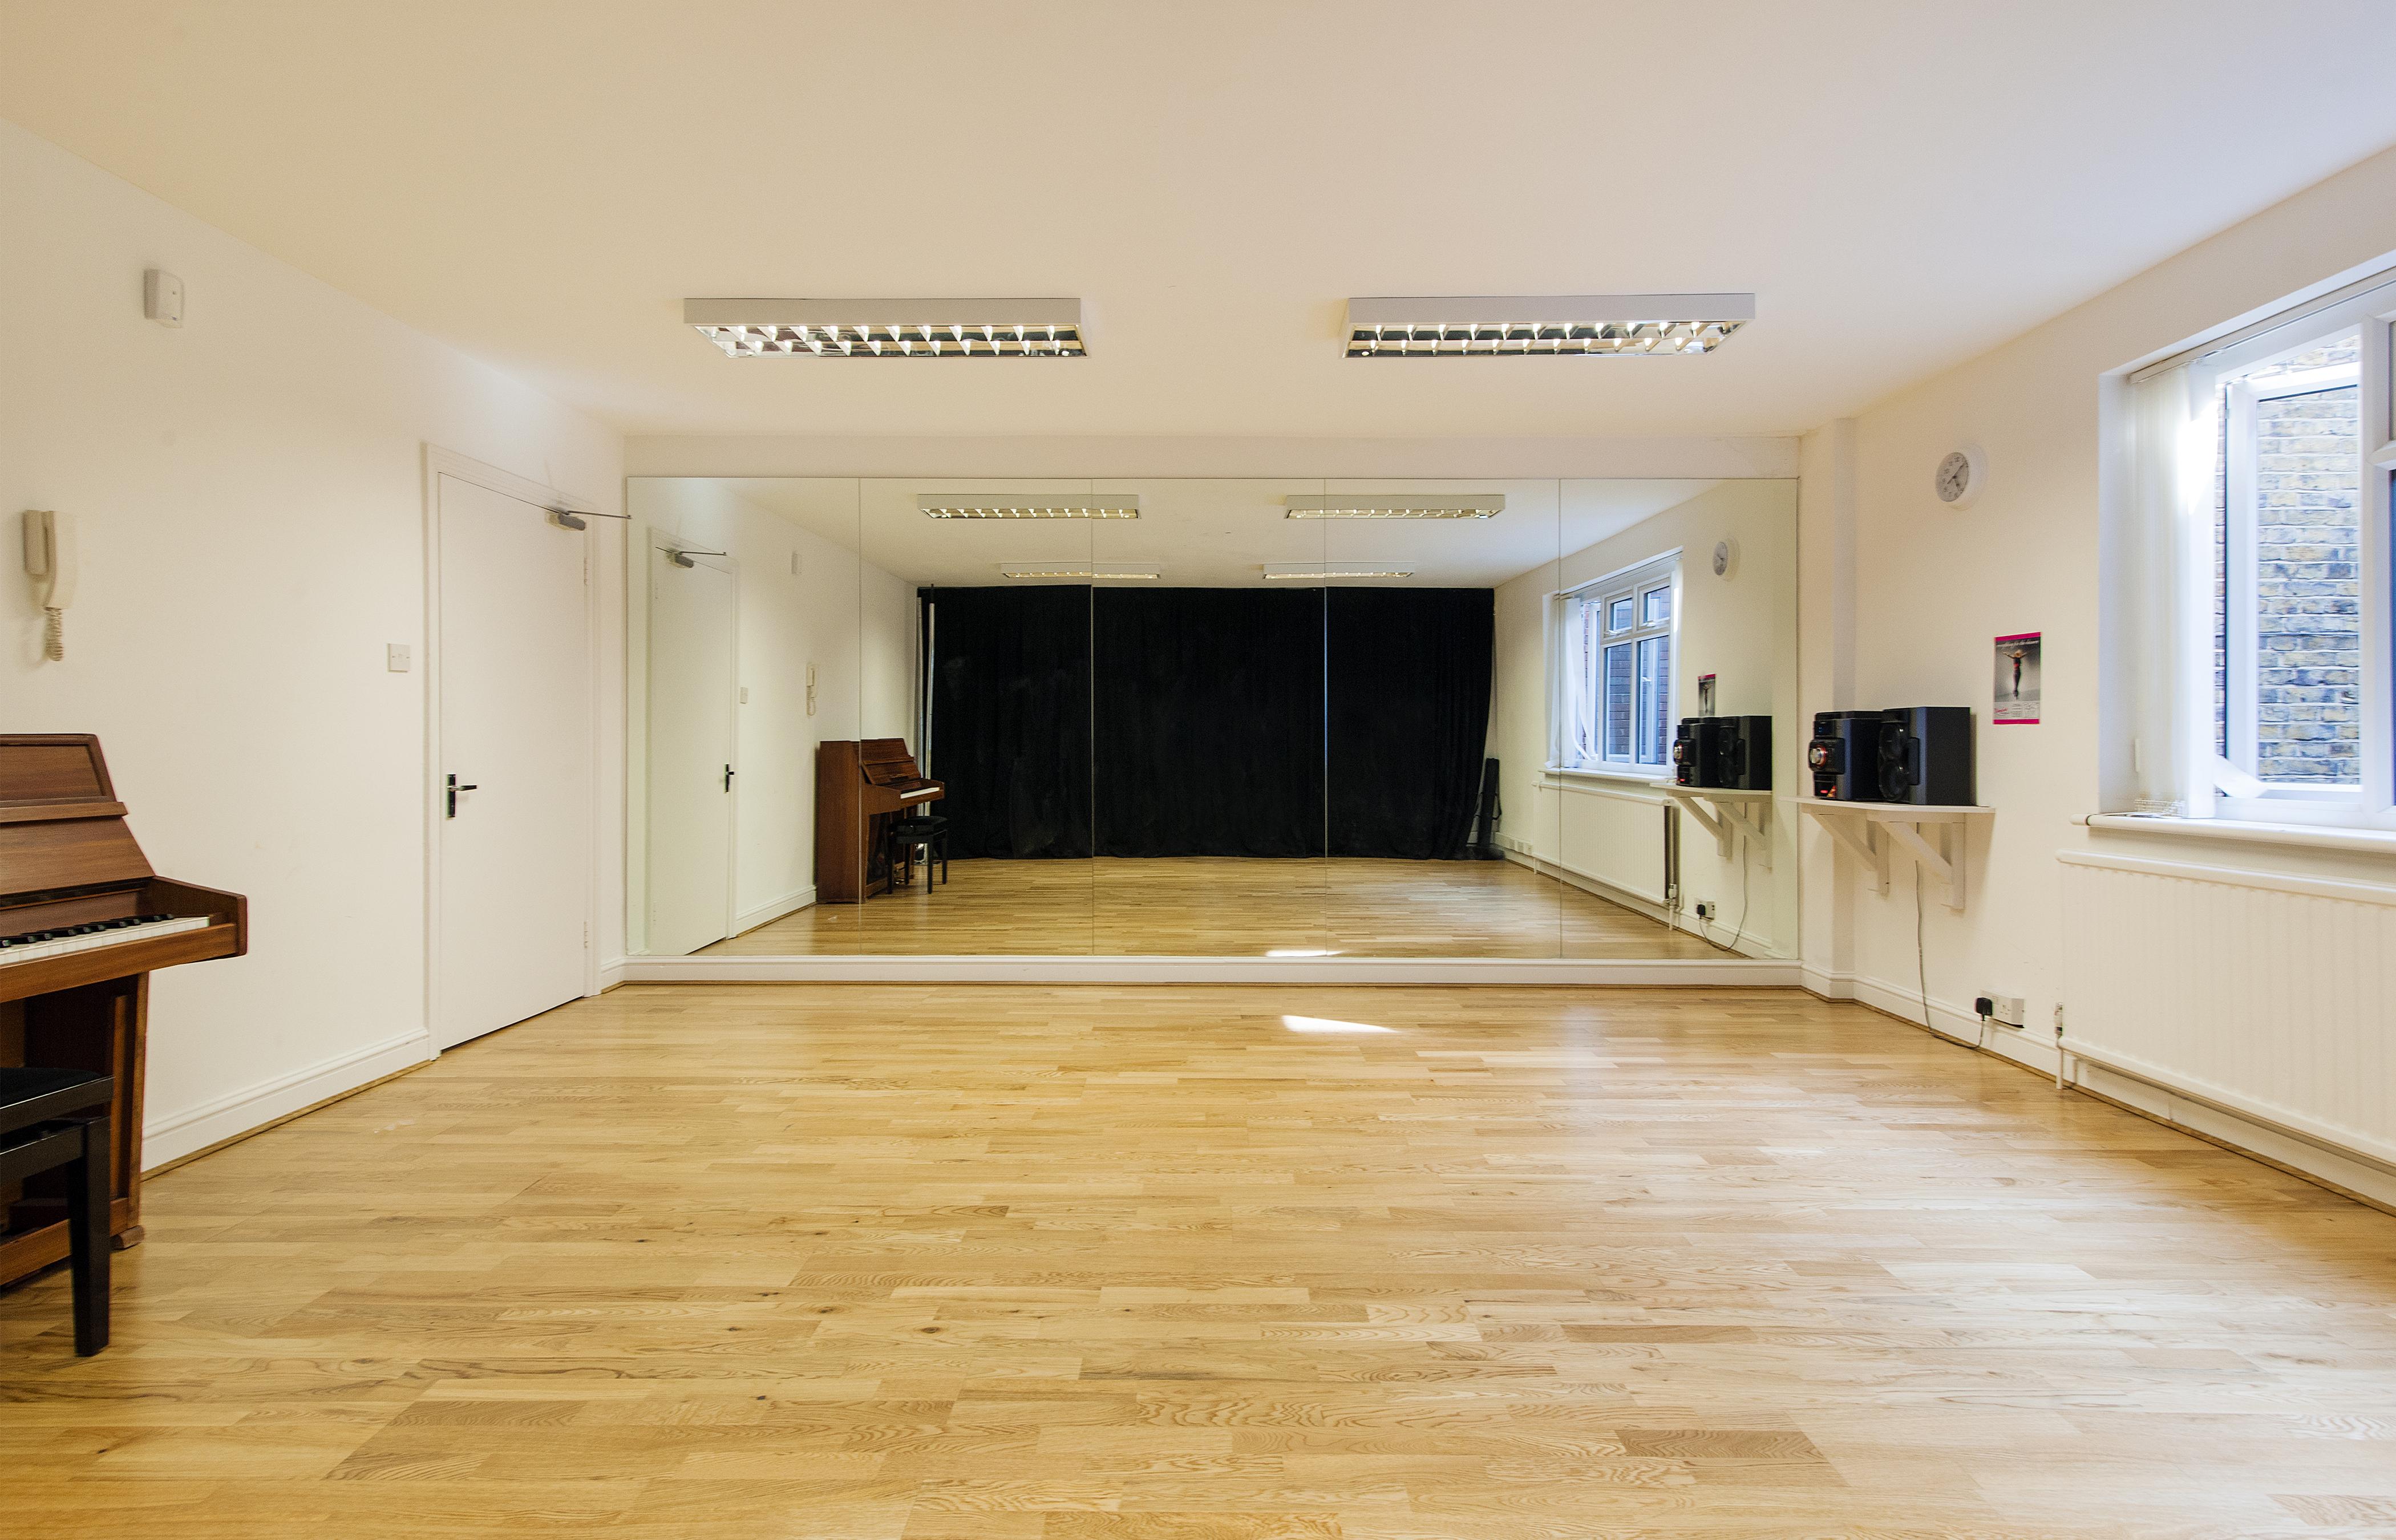 Dance Room 1, 2